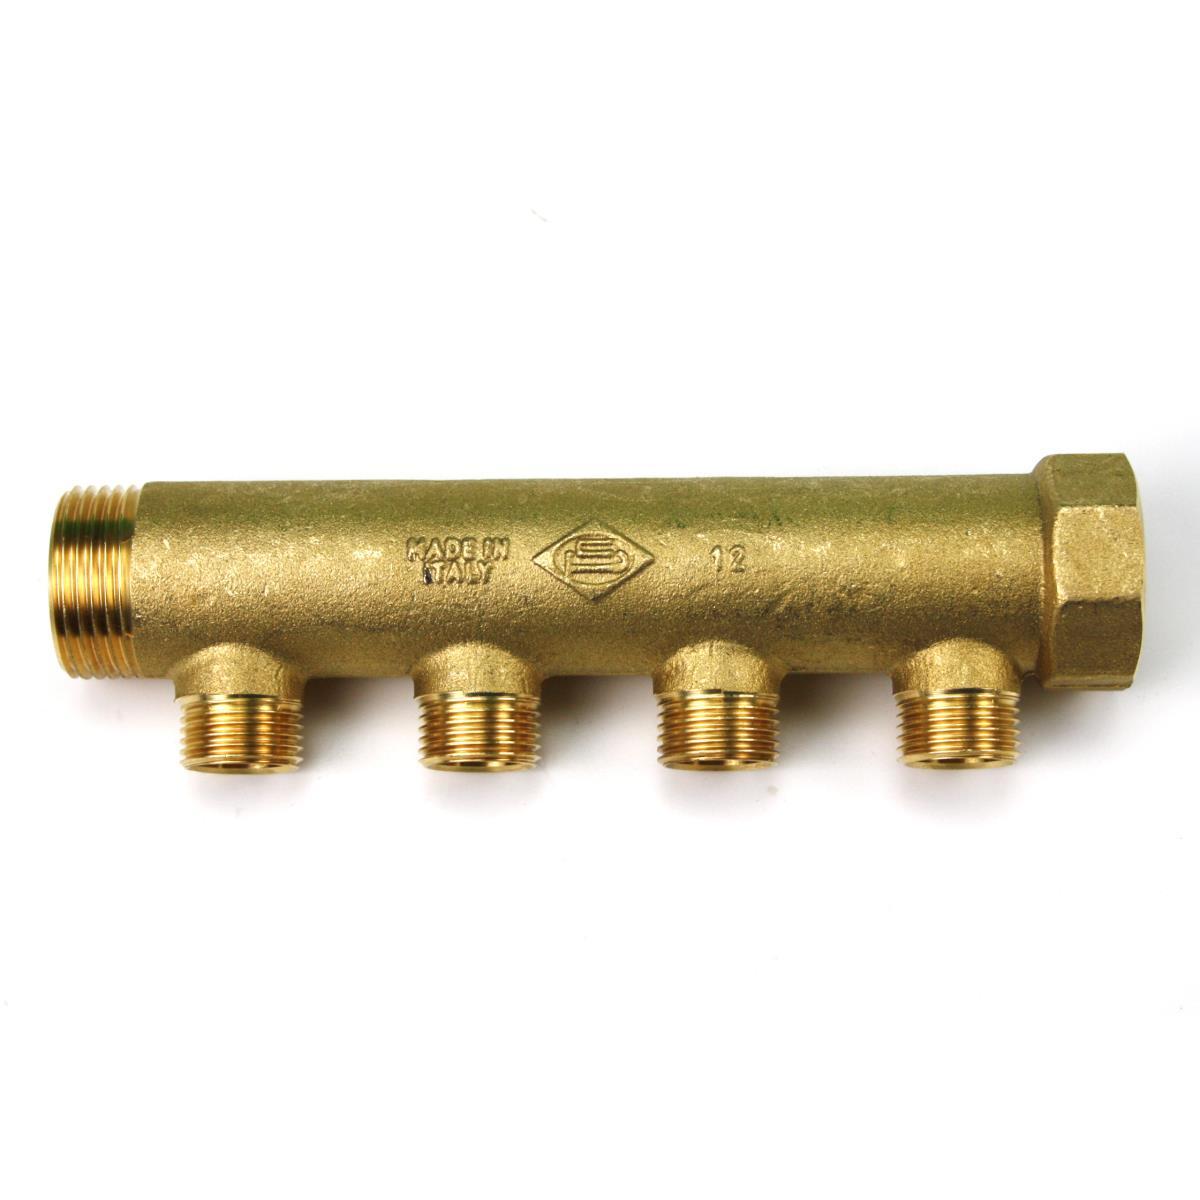 """Messing Universal Verteiler 4-Fach Sanitär 1"""" x 1/2"""" Wasser Heizung IG/AG,Poletti,C30410T, 8025459081846"""